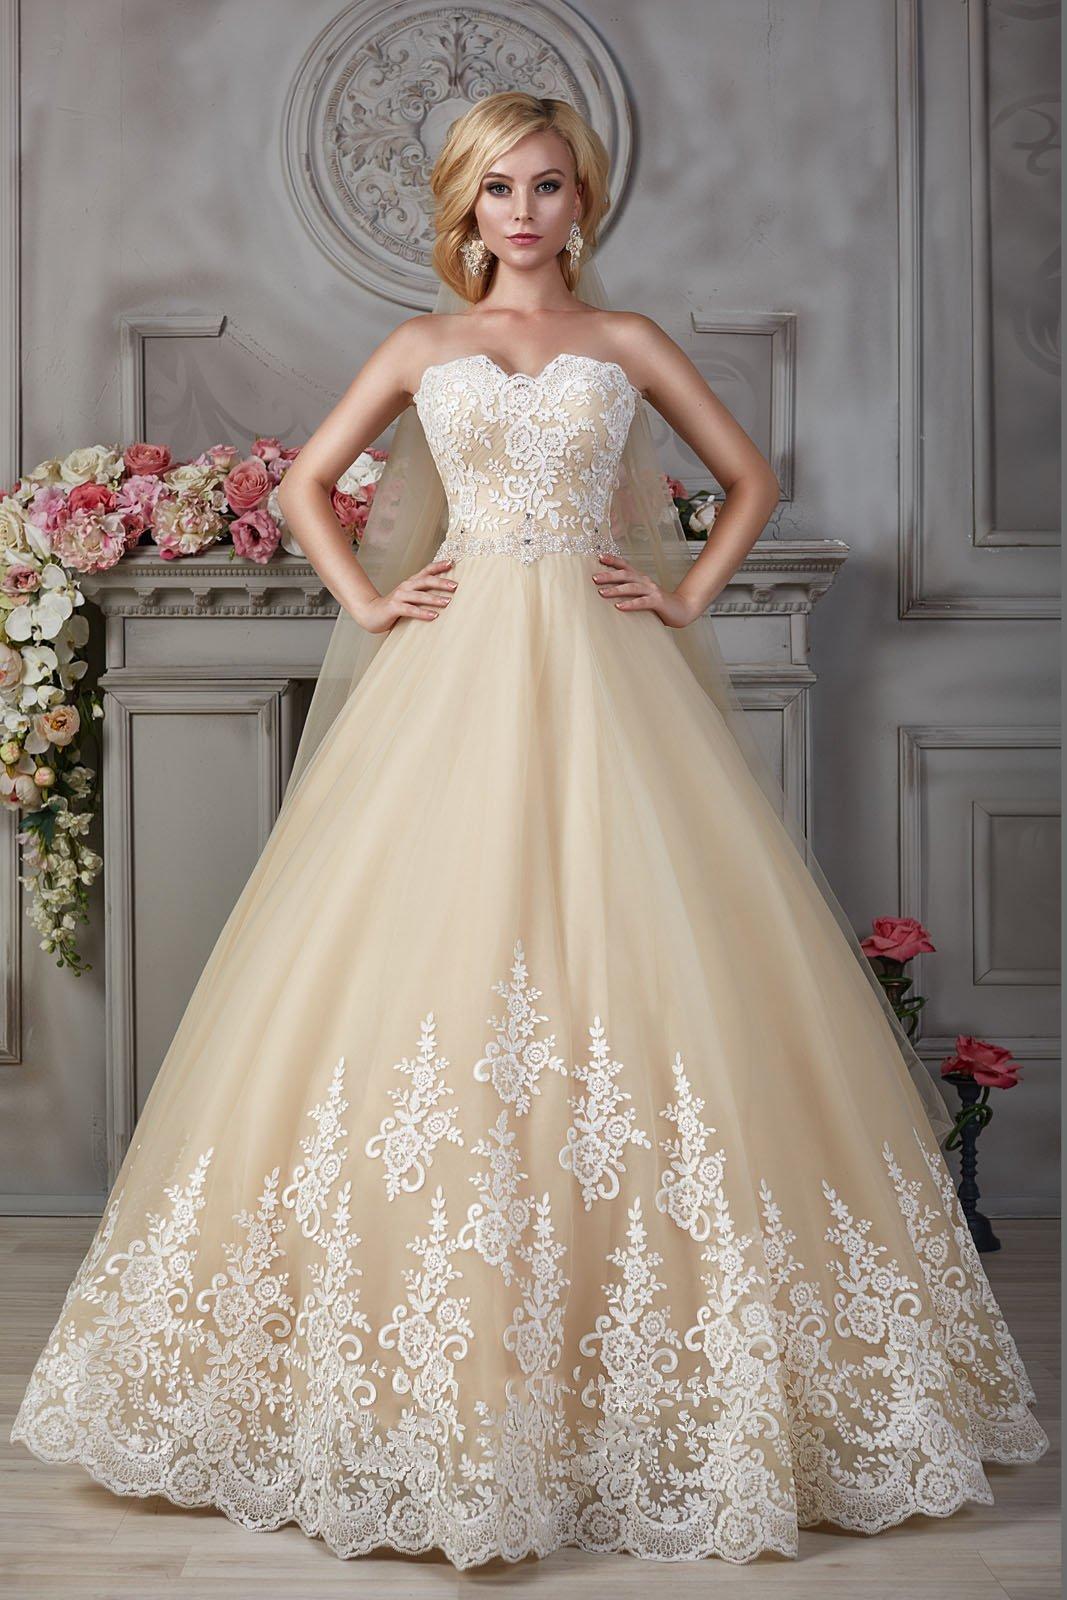 Золотистое свадебное платье с белым кружевом на лифе.